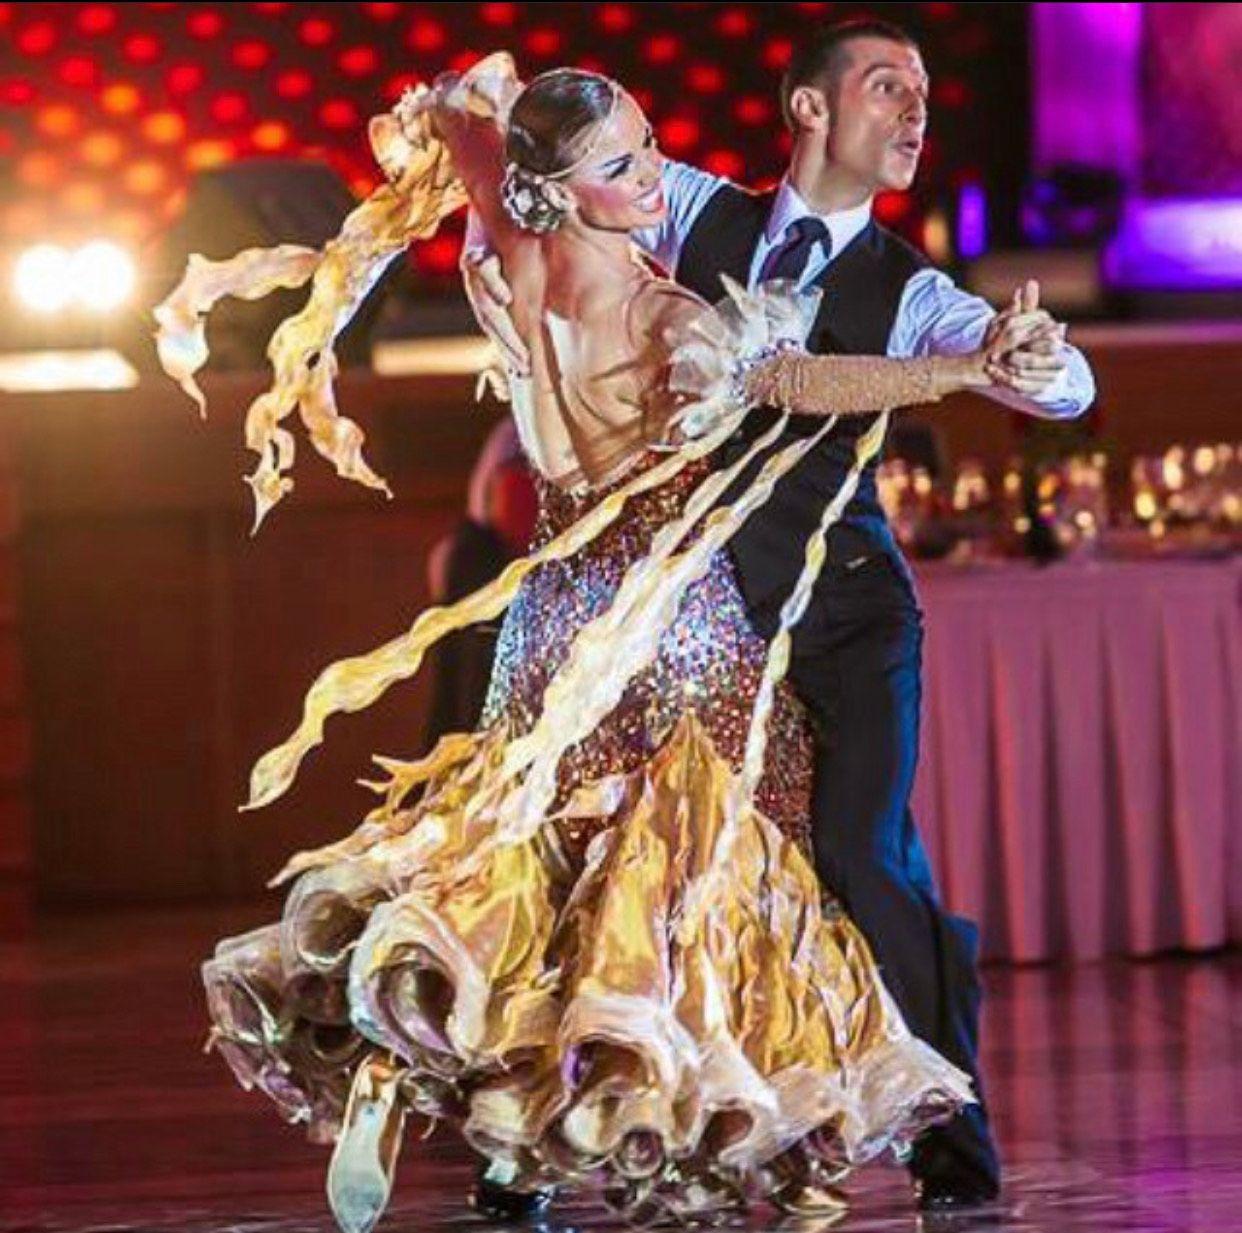 Joanne dance 2